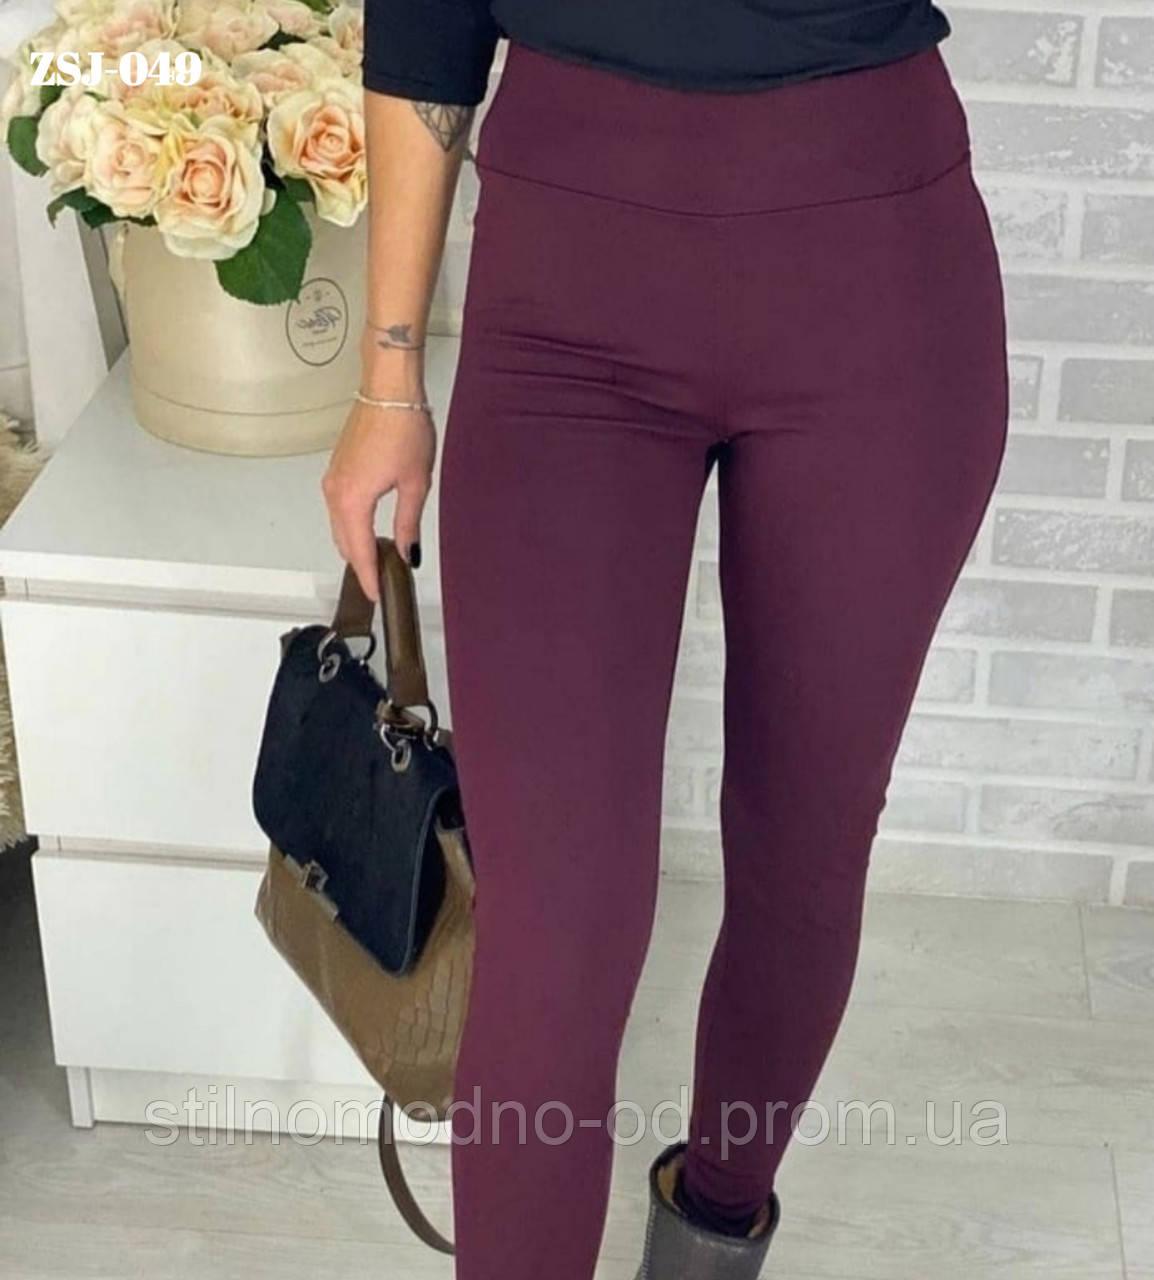 Жіночі штани дайвінг від  Стильномодно